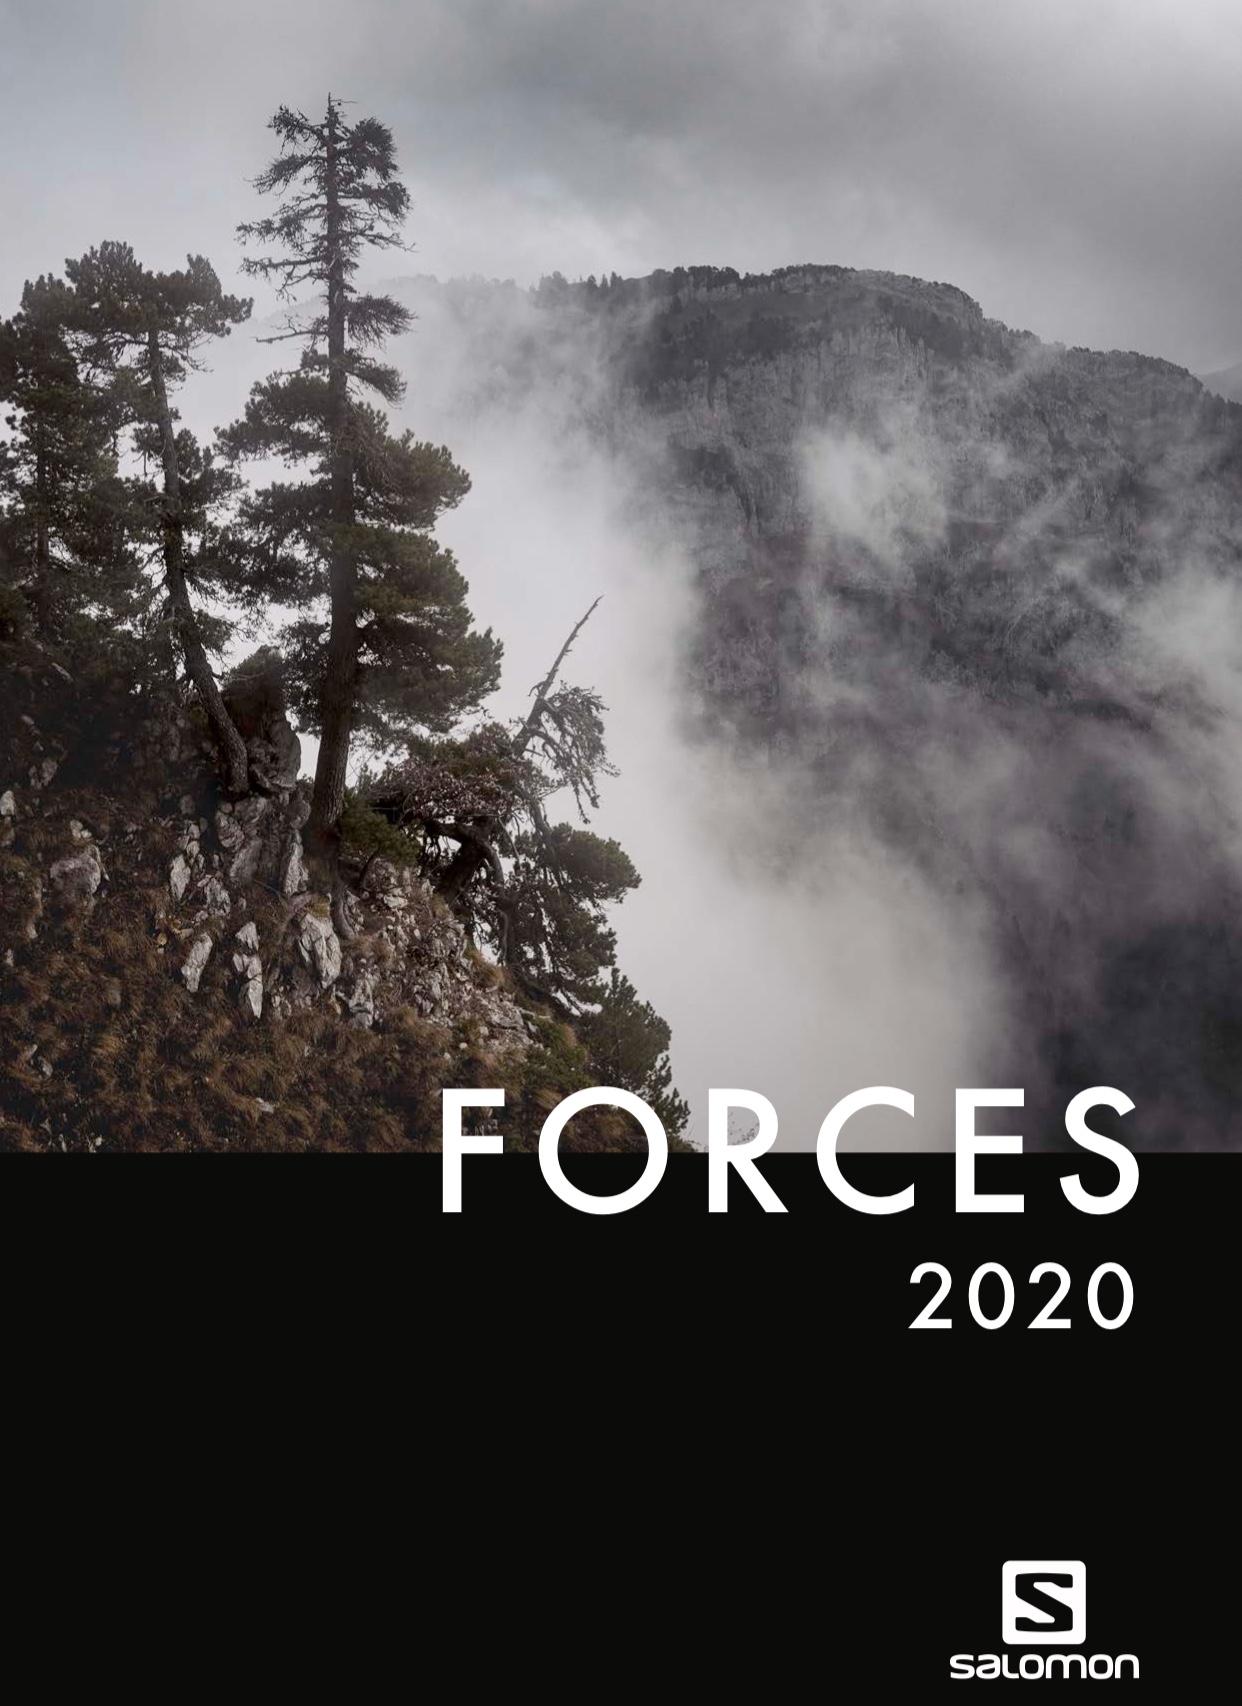 Nuevo catálogo Salomon Forces 2020